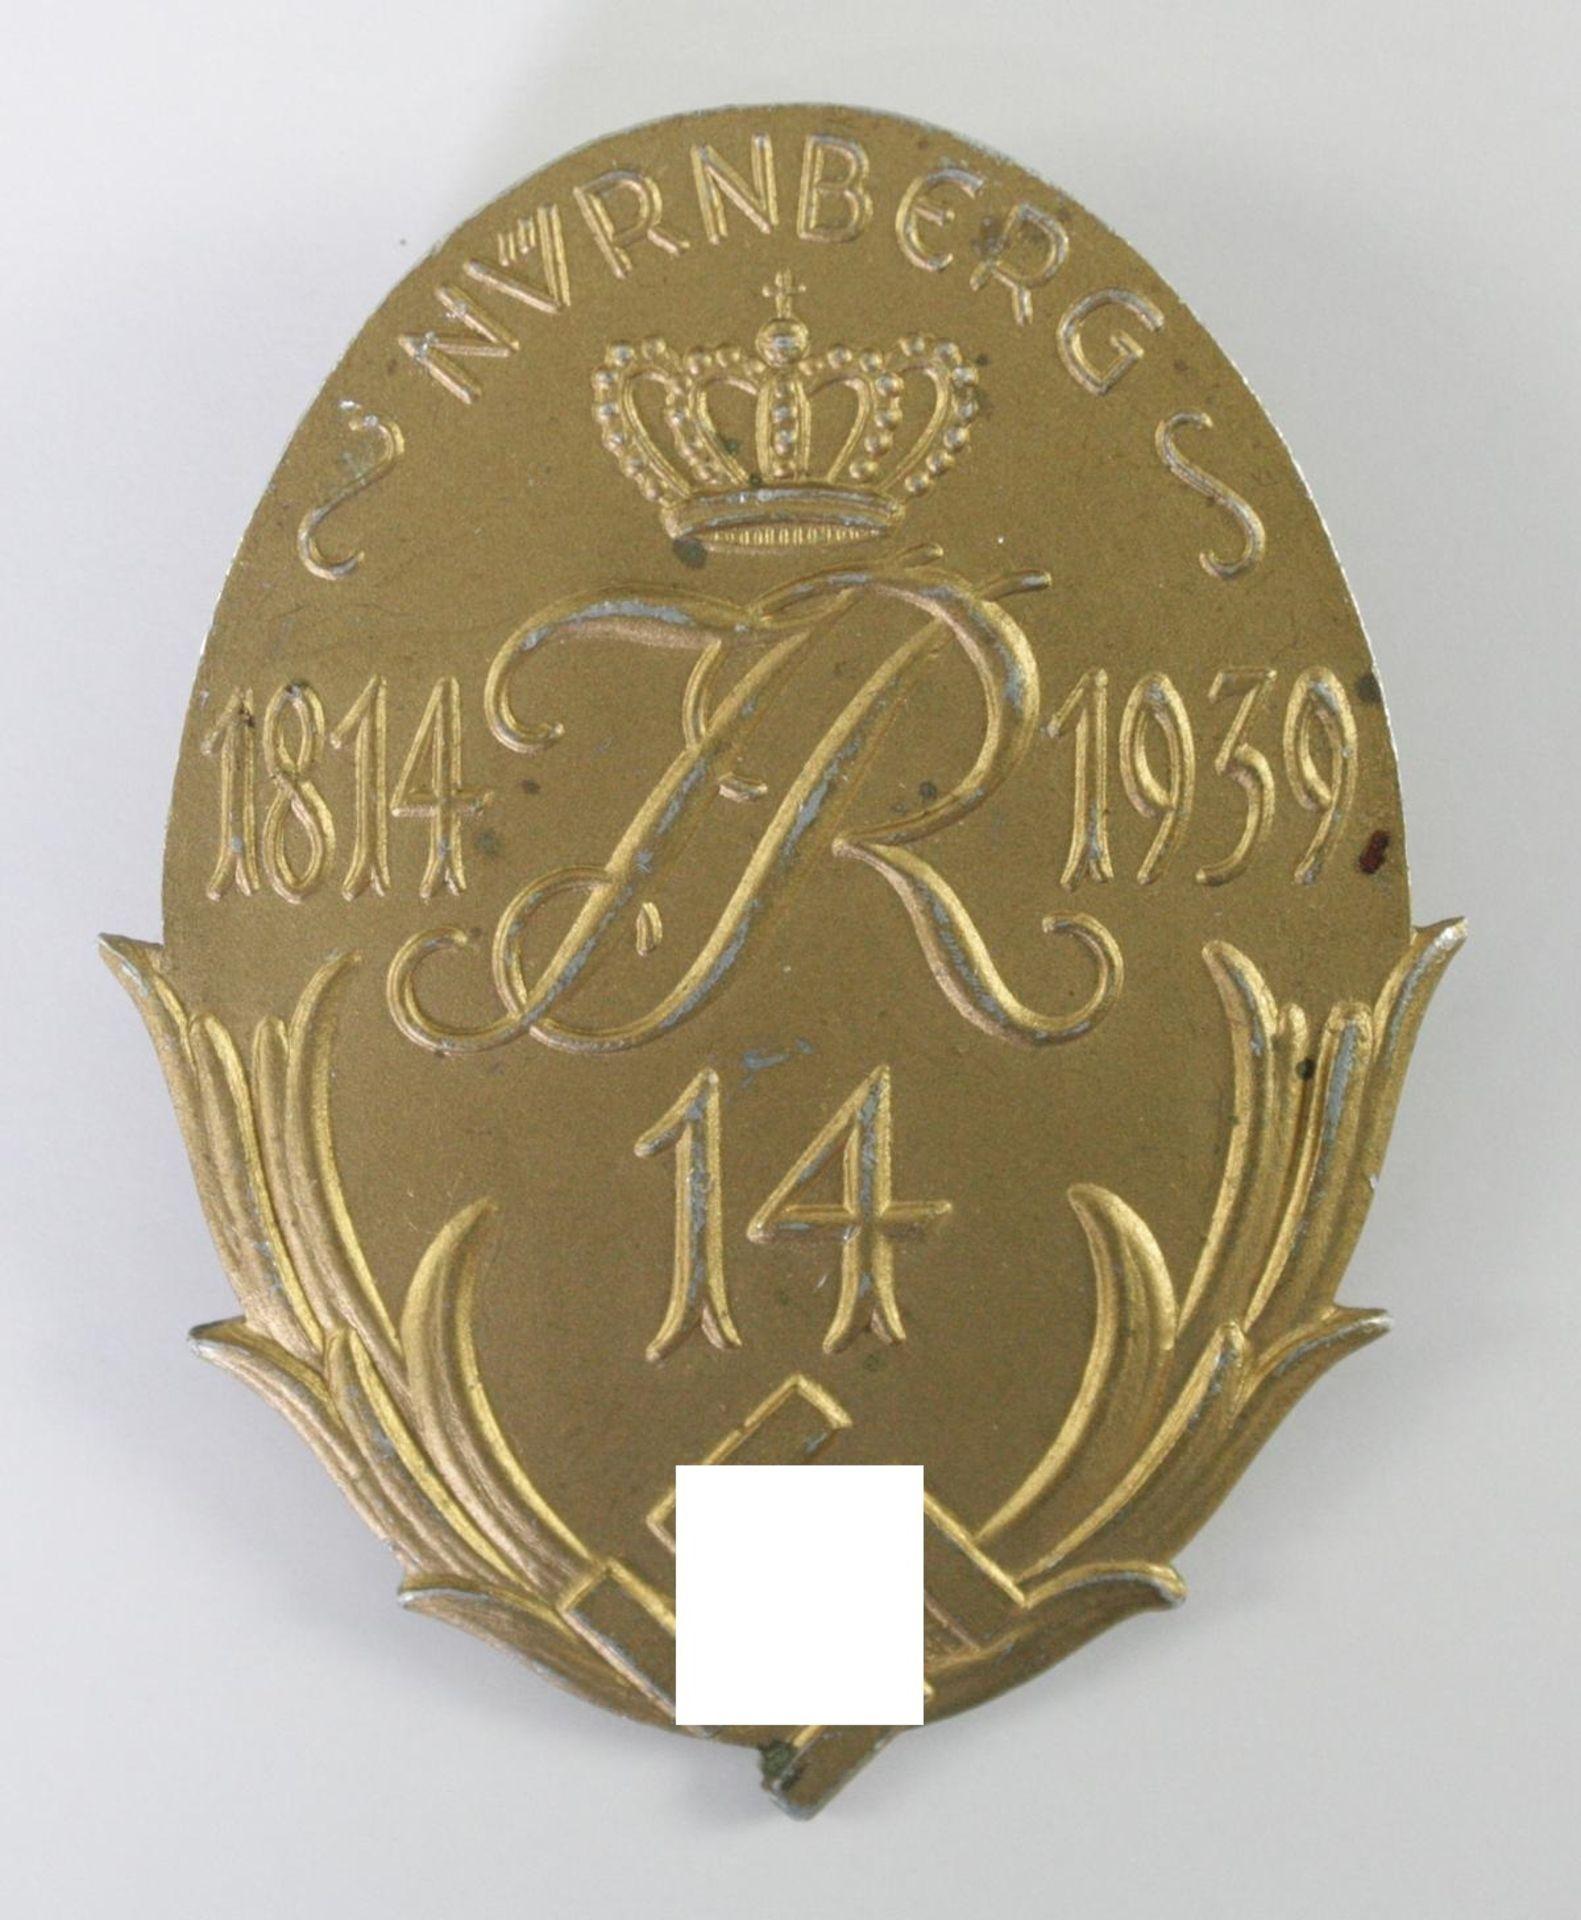 Jubiläumsabzeichen zur 125 Jahrfeier des Infanterie Regiments Nr. 14, Nürnberg 1939